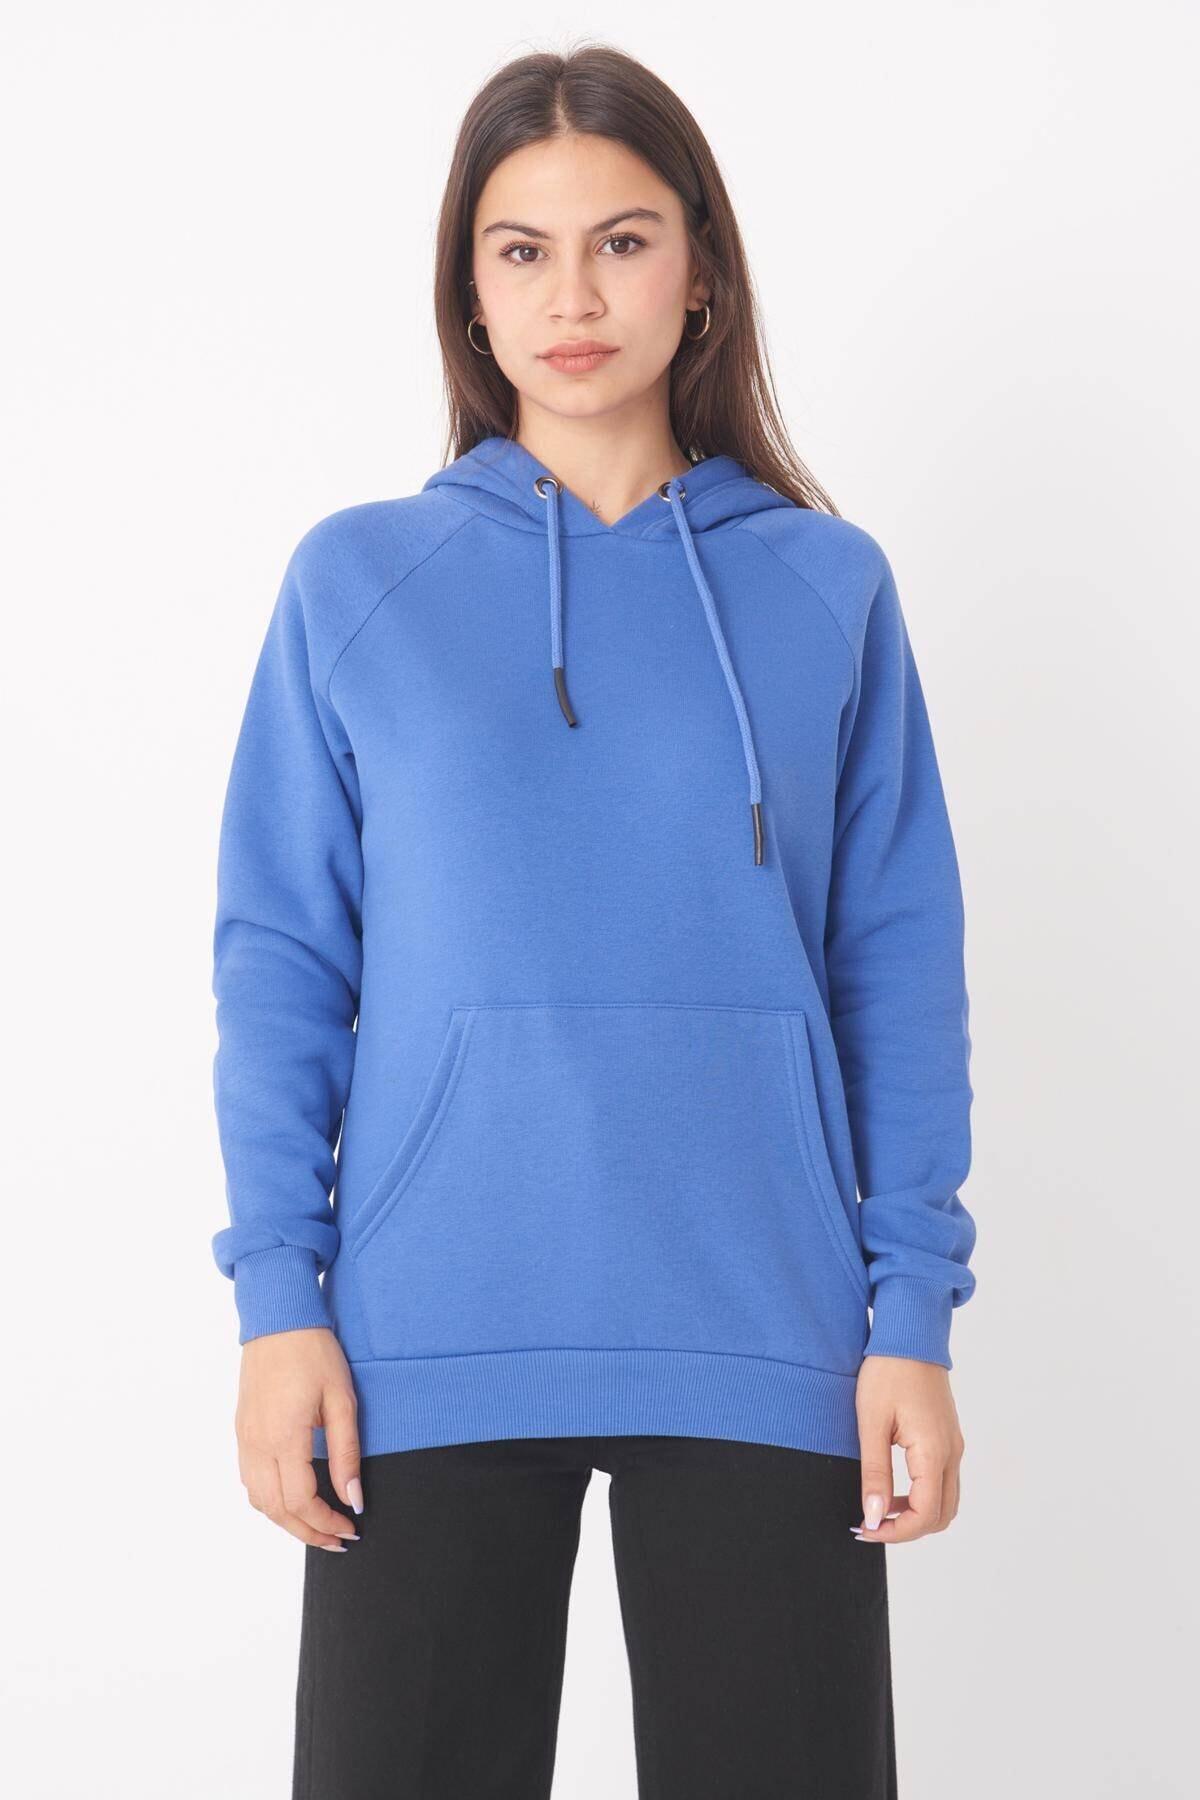 Addax Kadın mavi Cep Detaylı Sweat S7066-1 - B11 - B12 ADX-0000019965 1